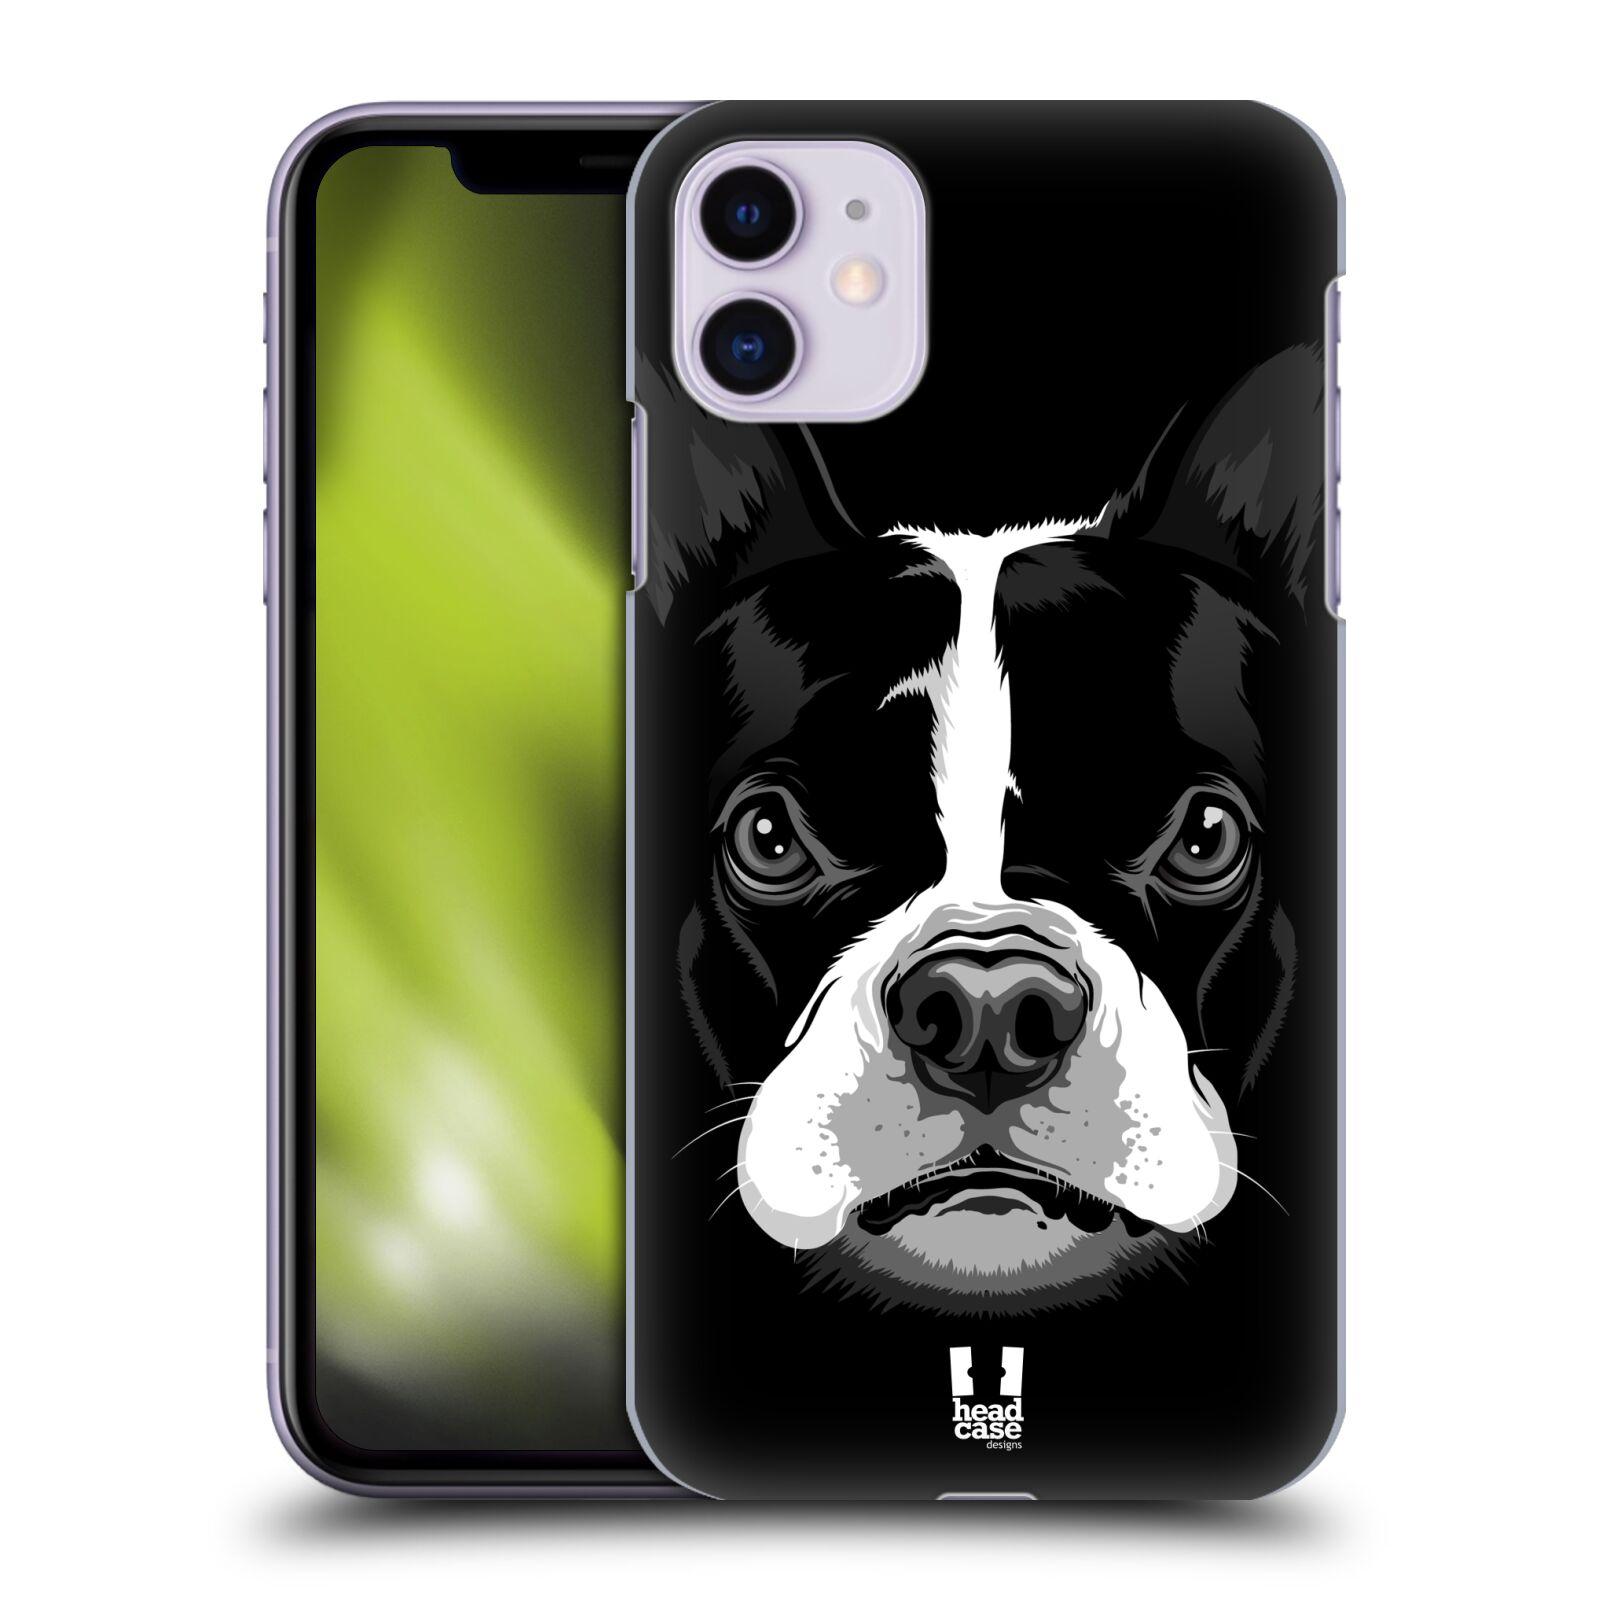 Plastové pouzdro na mobil Apple iPhone 11 - Head Case - ILUSTROVANÝ BULDOČEK